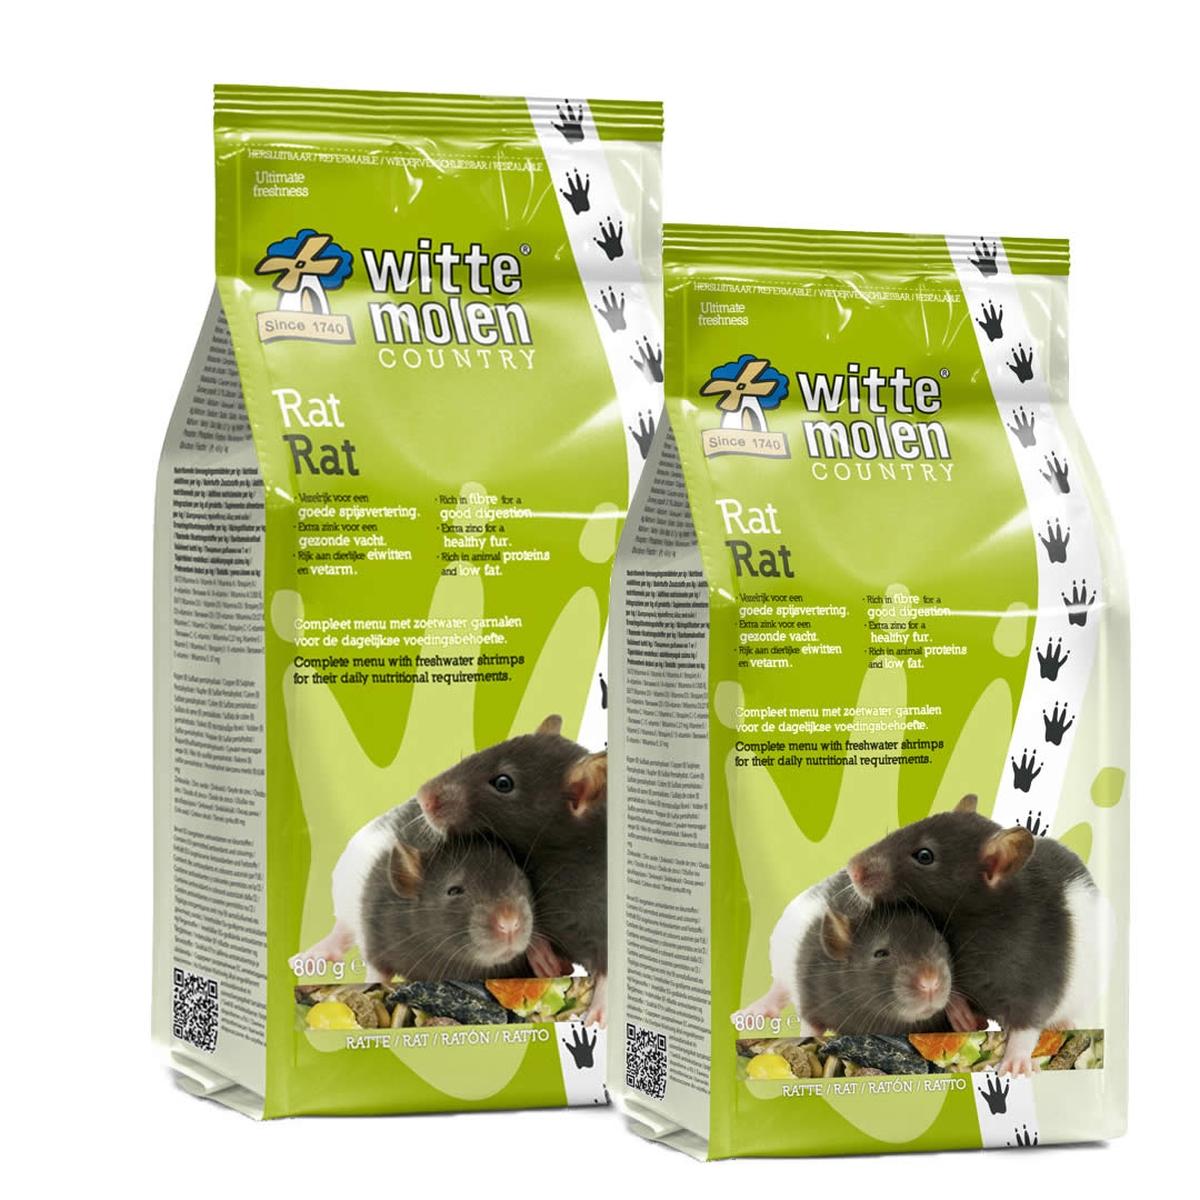 Witte molen - country rat meerkleurig 2 kg